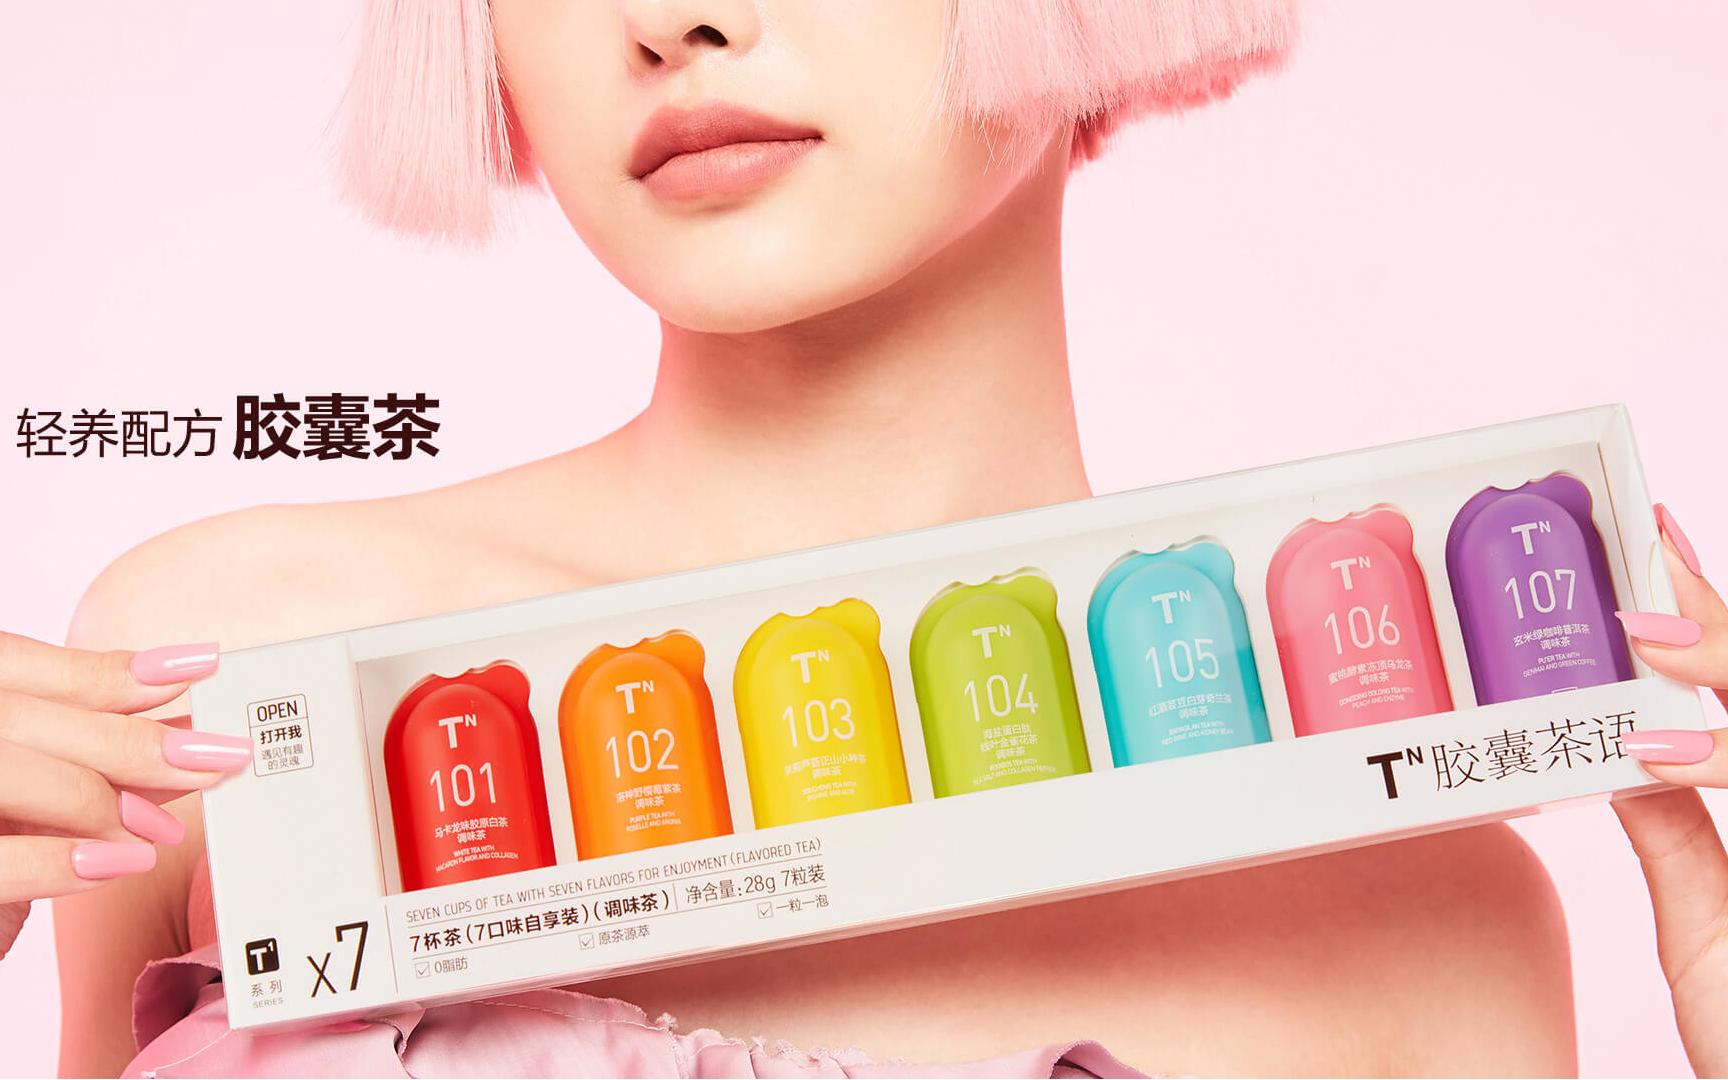 新女性茶品牌「胶囊茶语」获数千万元天使轮融资